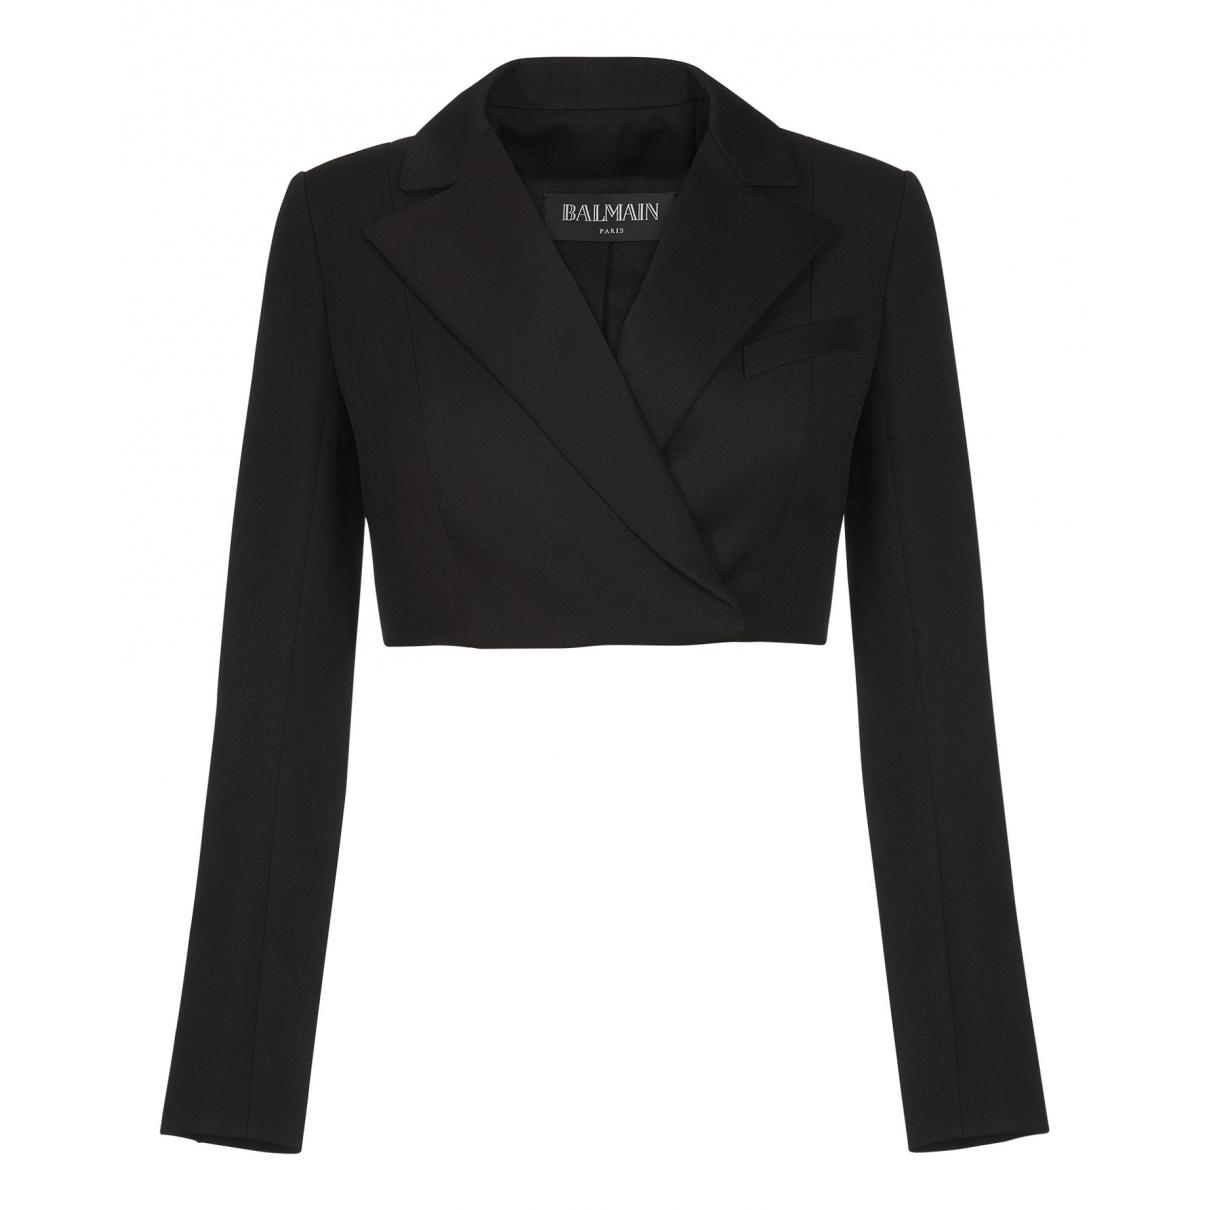 Balmain N Black Wool jacket for Women 6 UK